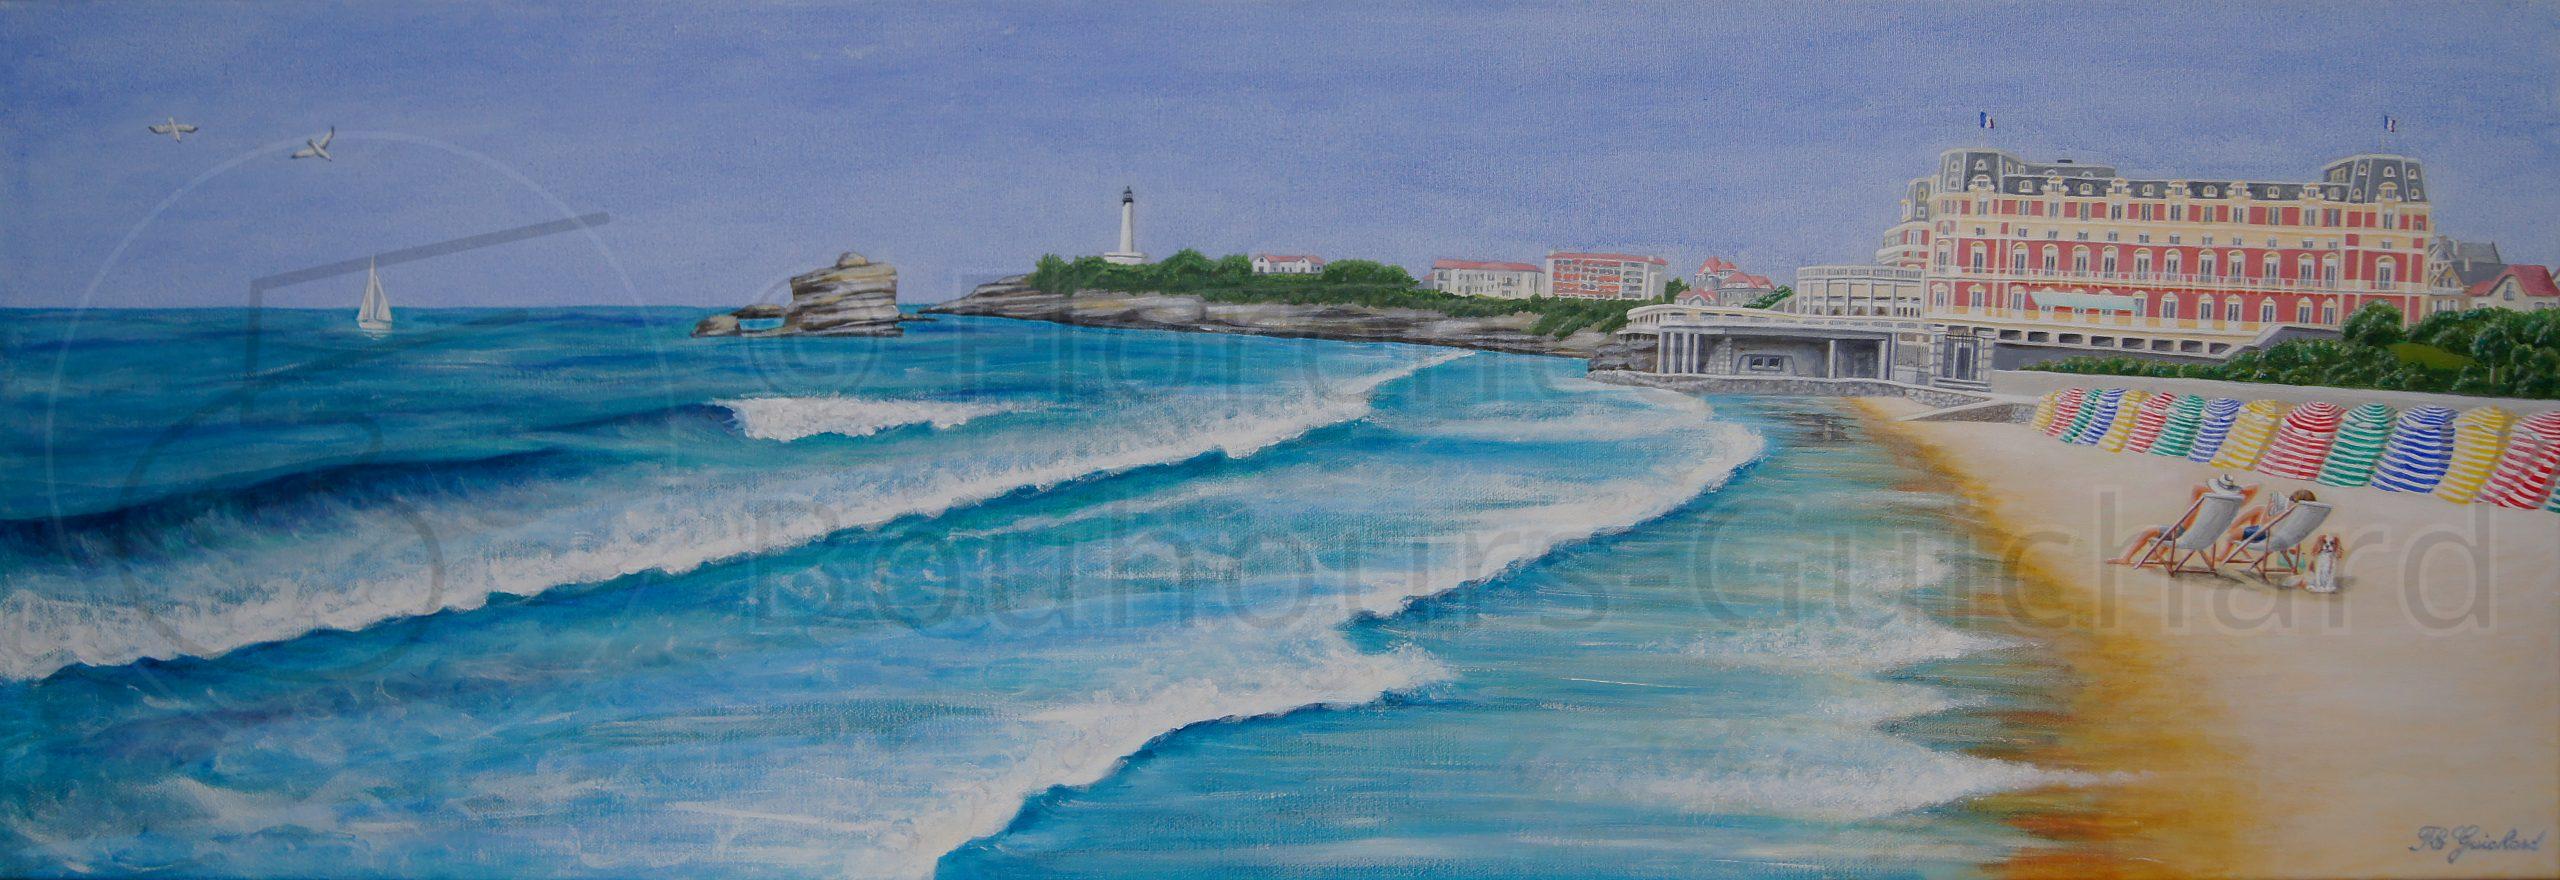 « Biarritz, Grande plage et hôtel du Palais » acrylique sur toile (chassis 3D) – 40X120 cm